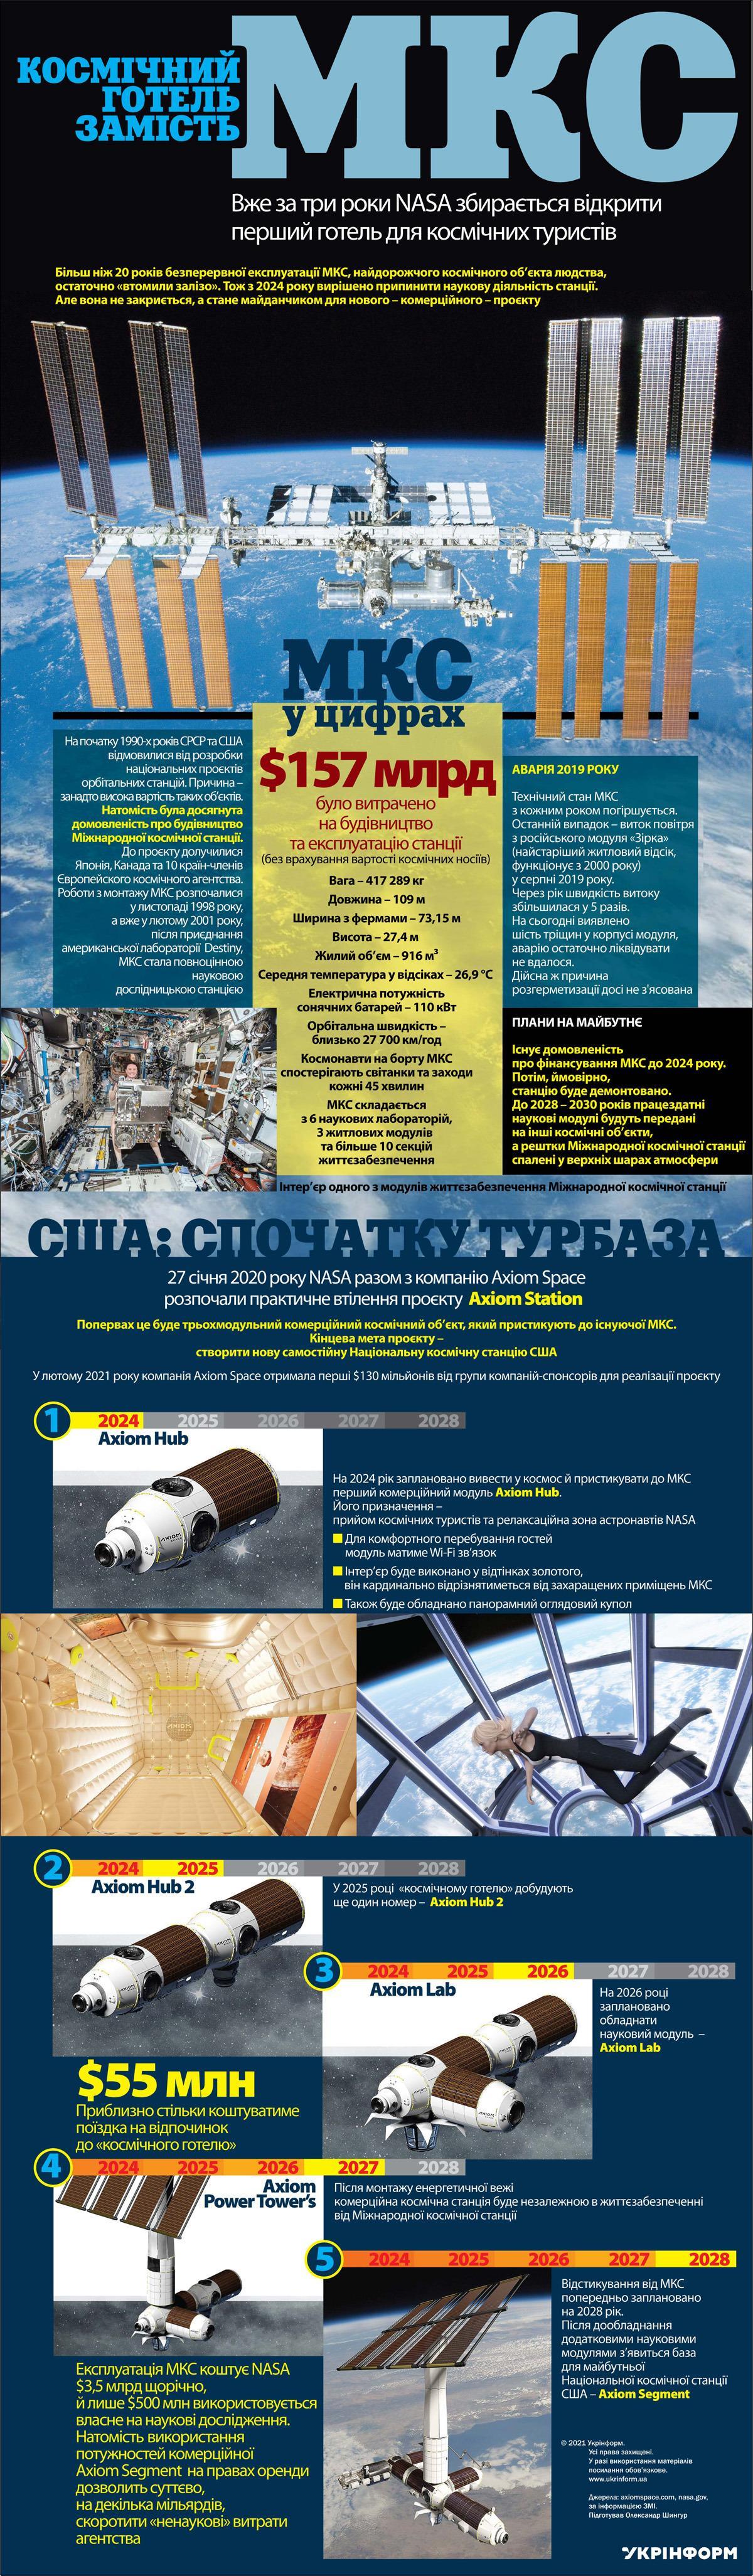 Инфографика про будущий отель